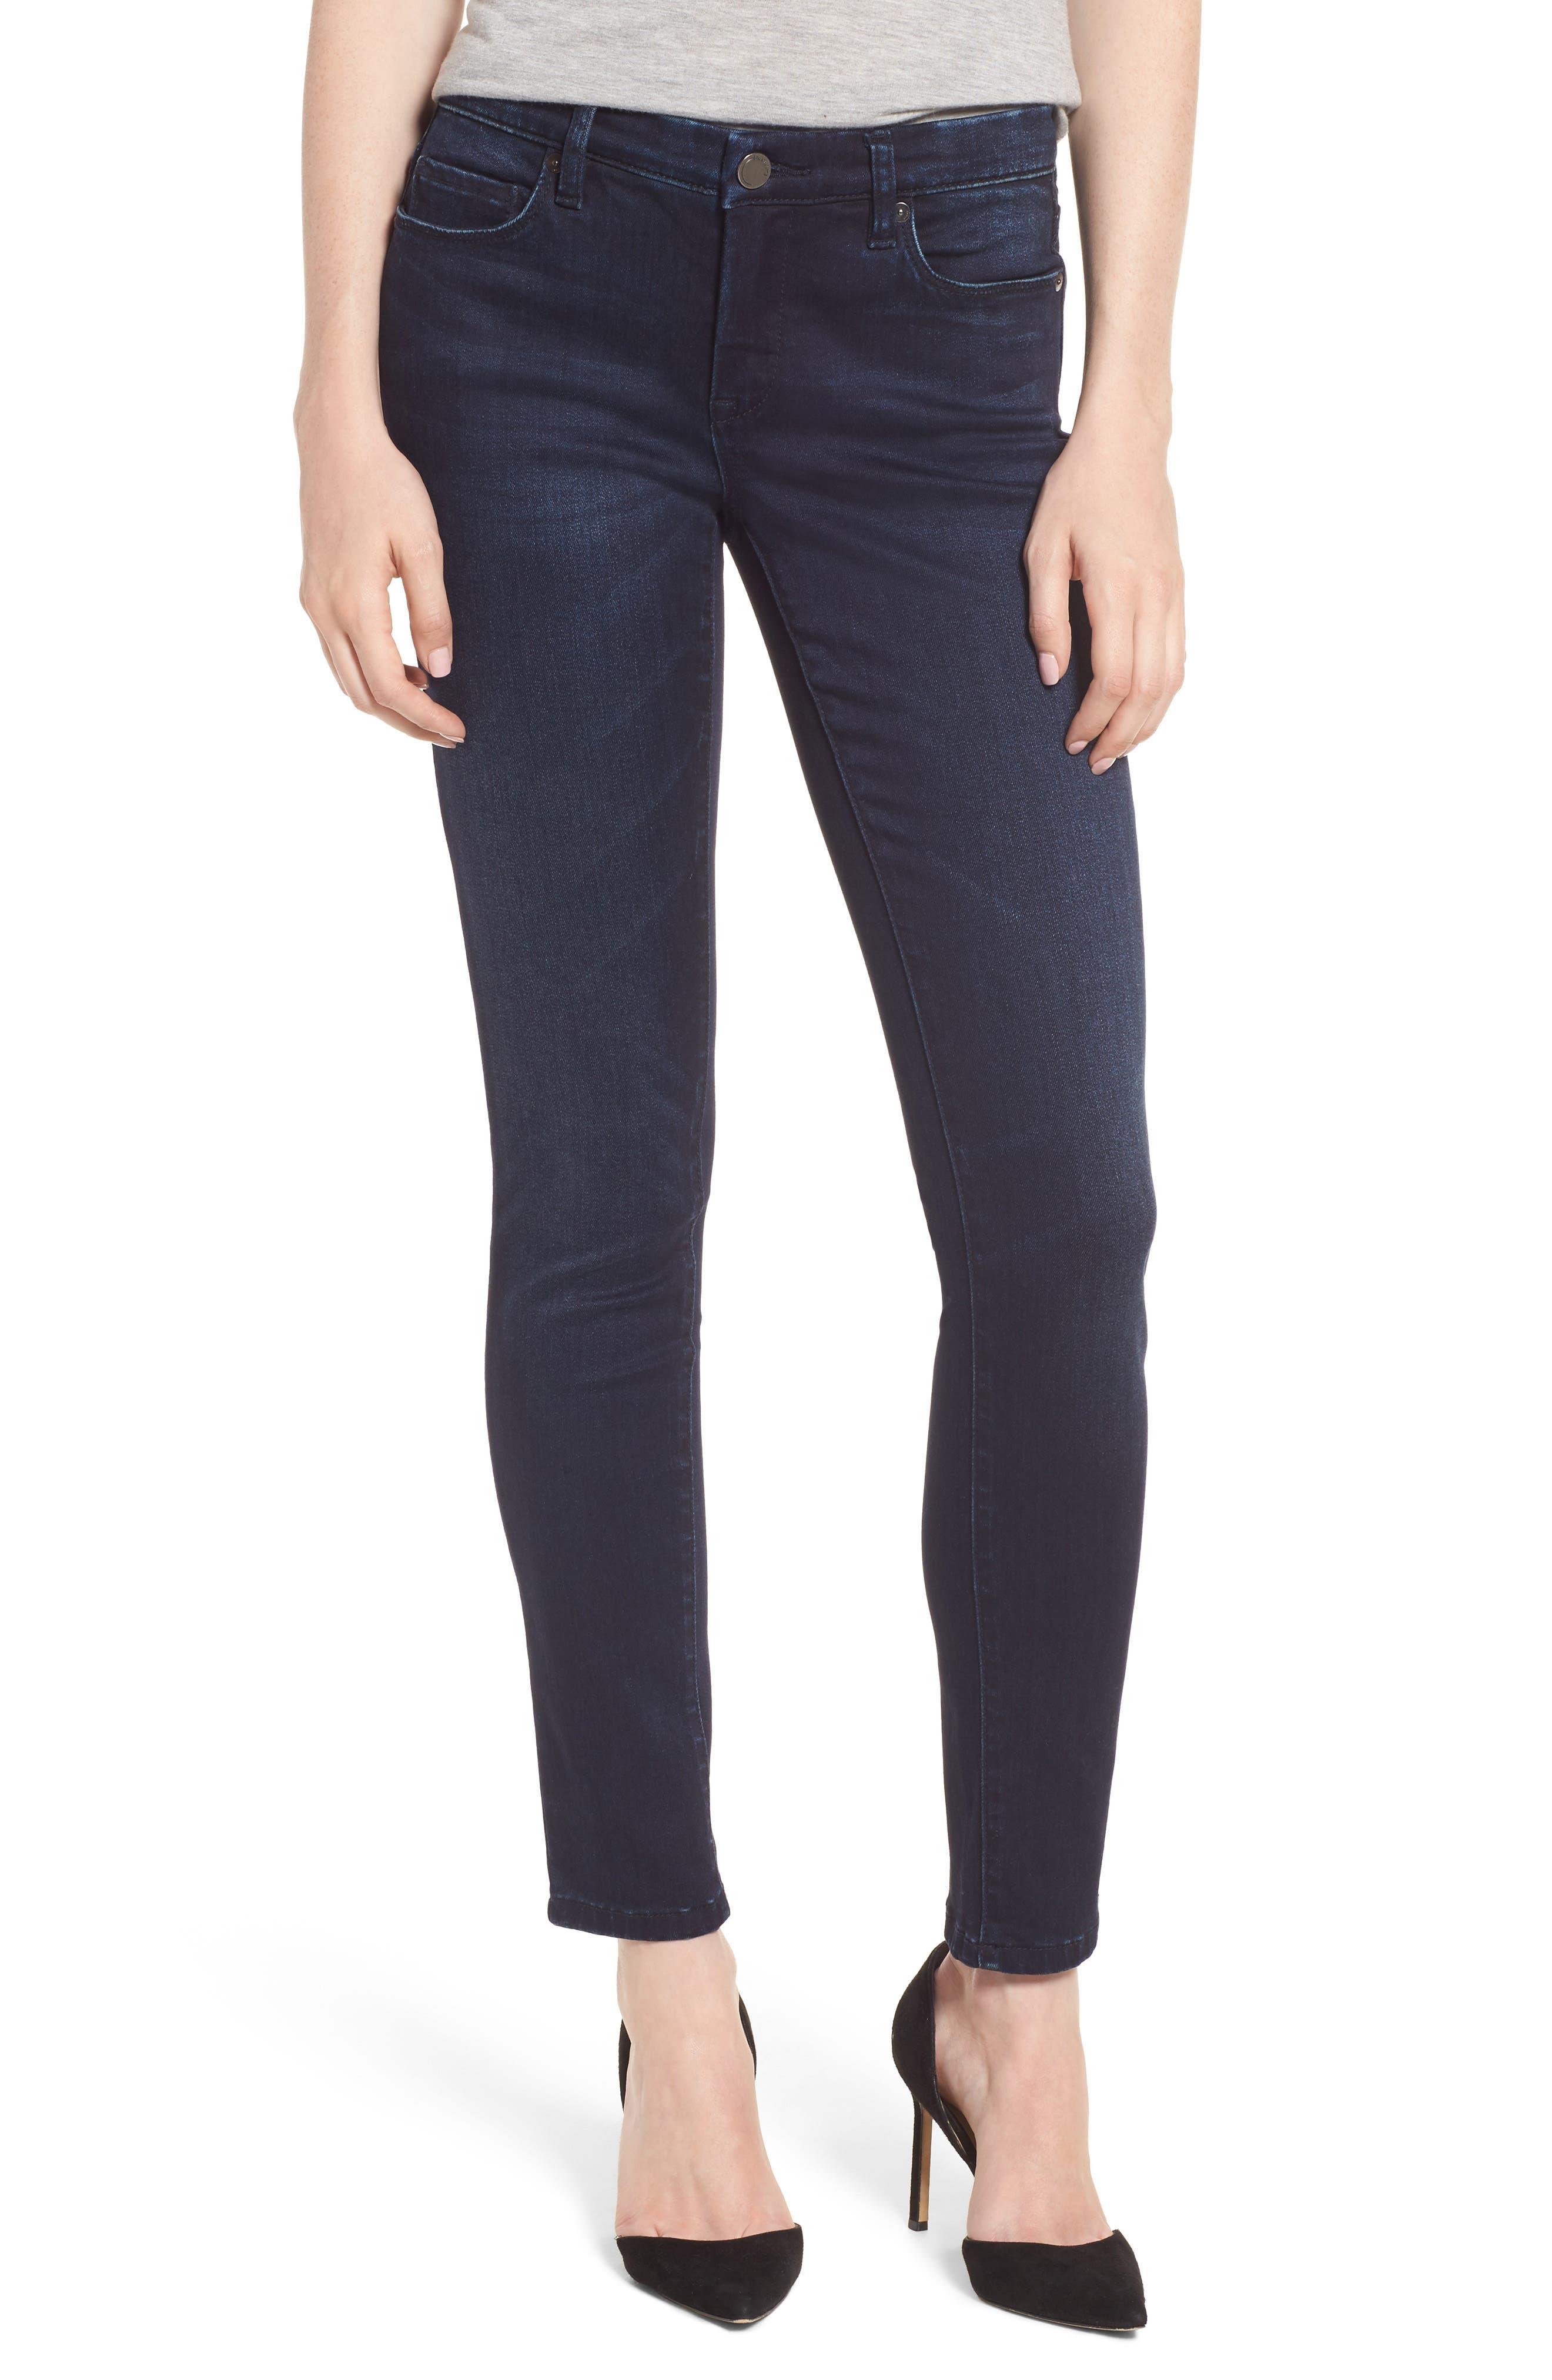 Alternate Image 1 Selected - BLANKNYC Stretch Skinny Jeans (Junk Brain)